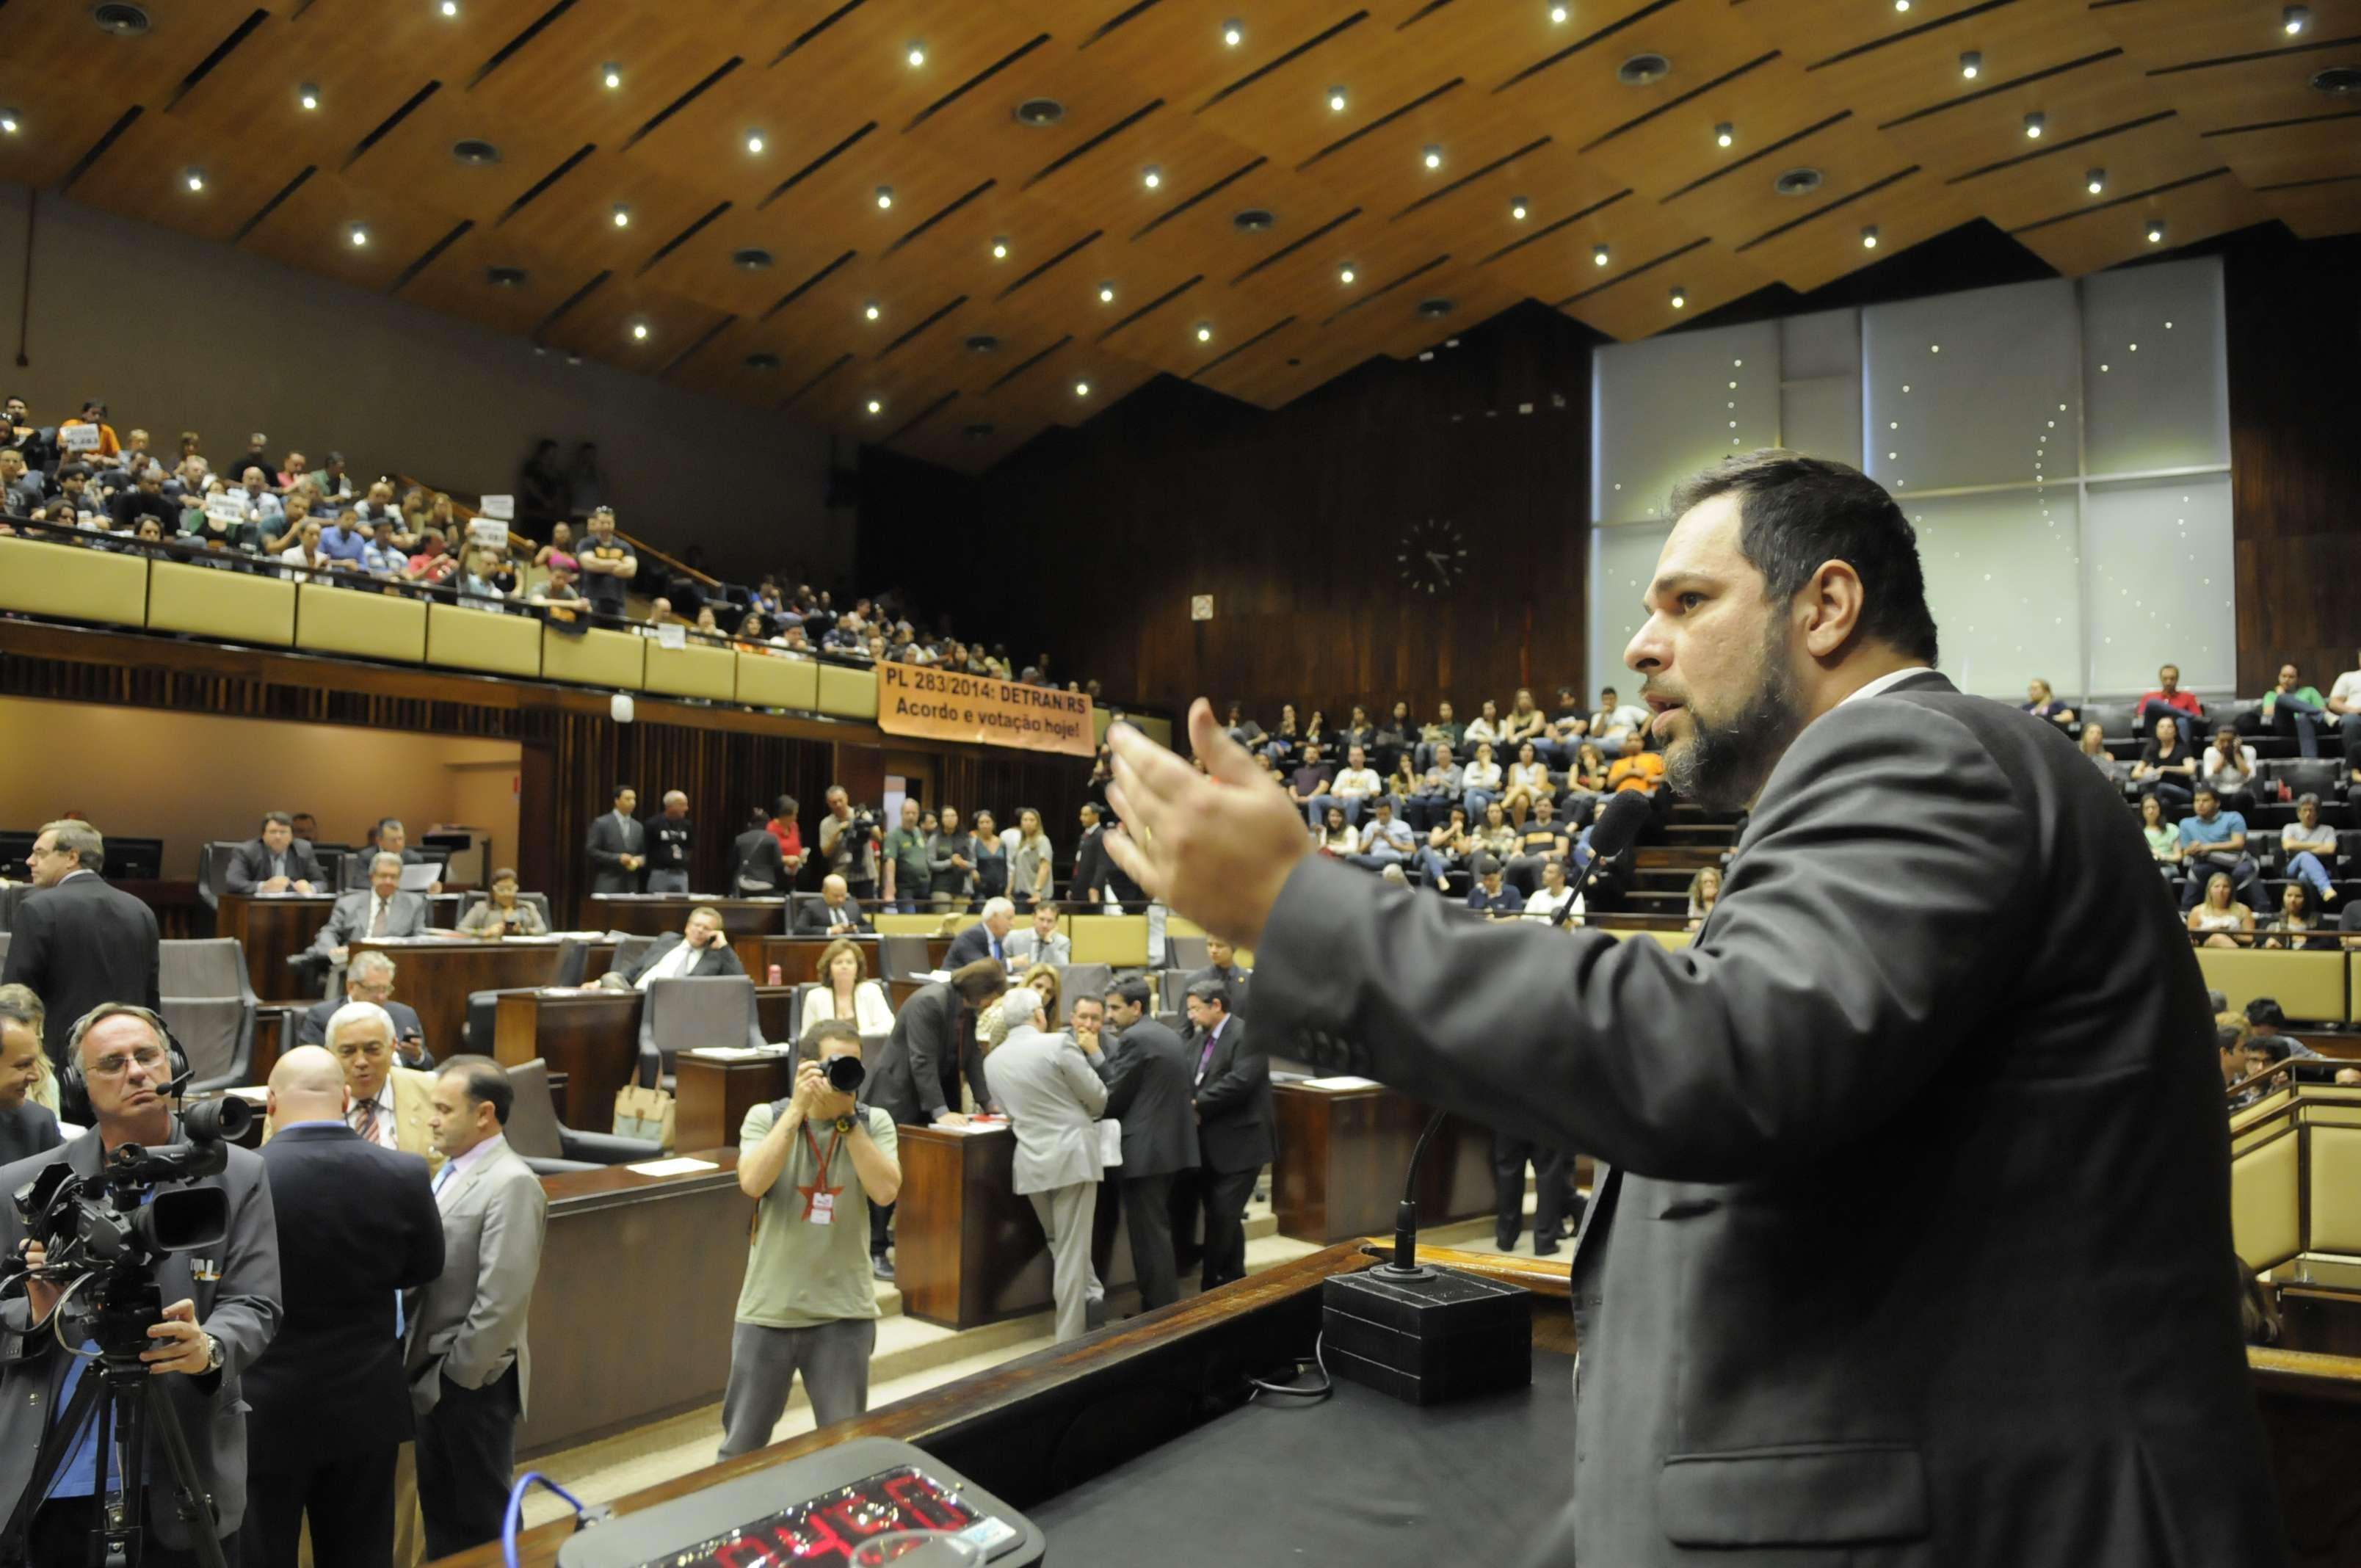 O deputado estadual Mano Changes (PP) bateu boca com os manifestantes nas galerias, e teve o pronunciamento interrompido em vários momentos Foto: Agência ALRS/Divulgação